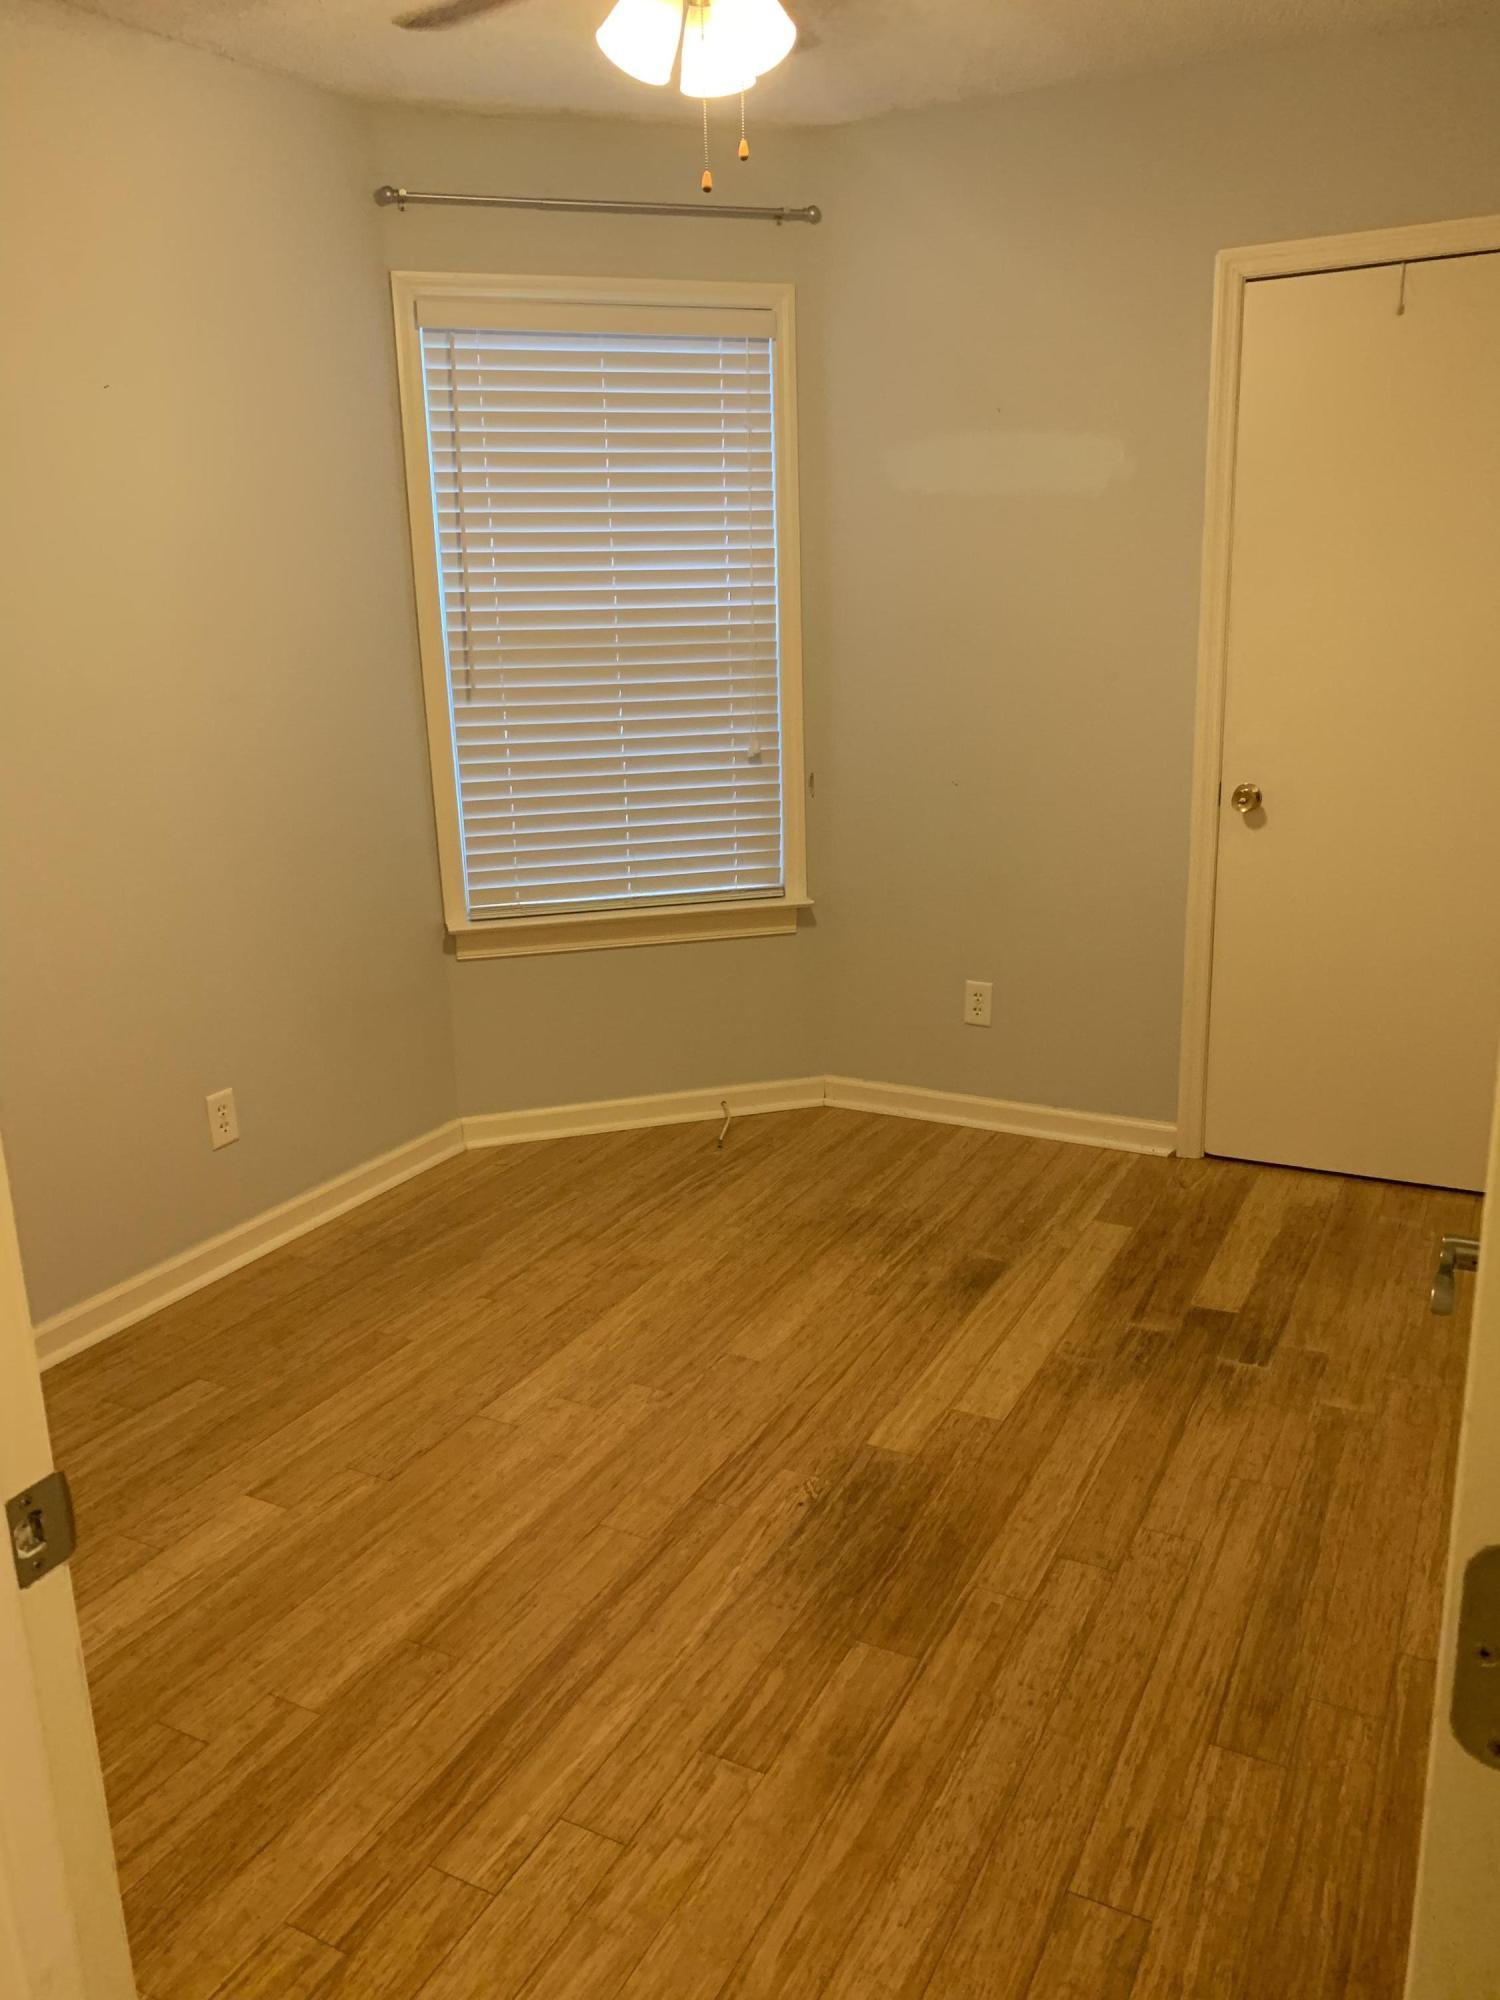 Willow Walk Homes For Sale - 1144 Oakcrest, Charleston, SC - 19